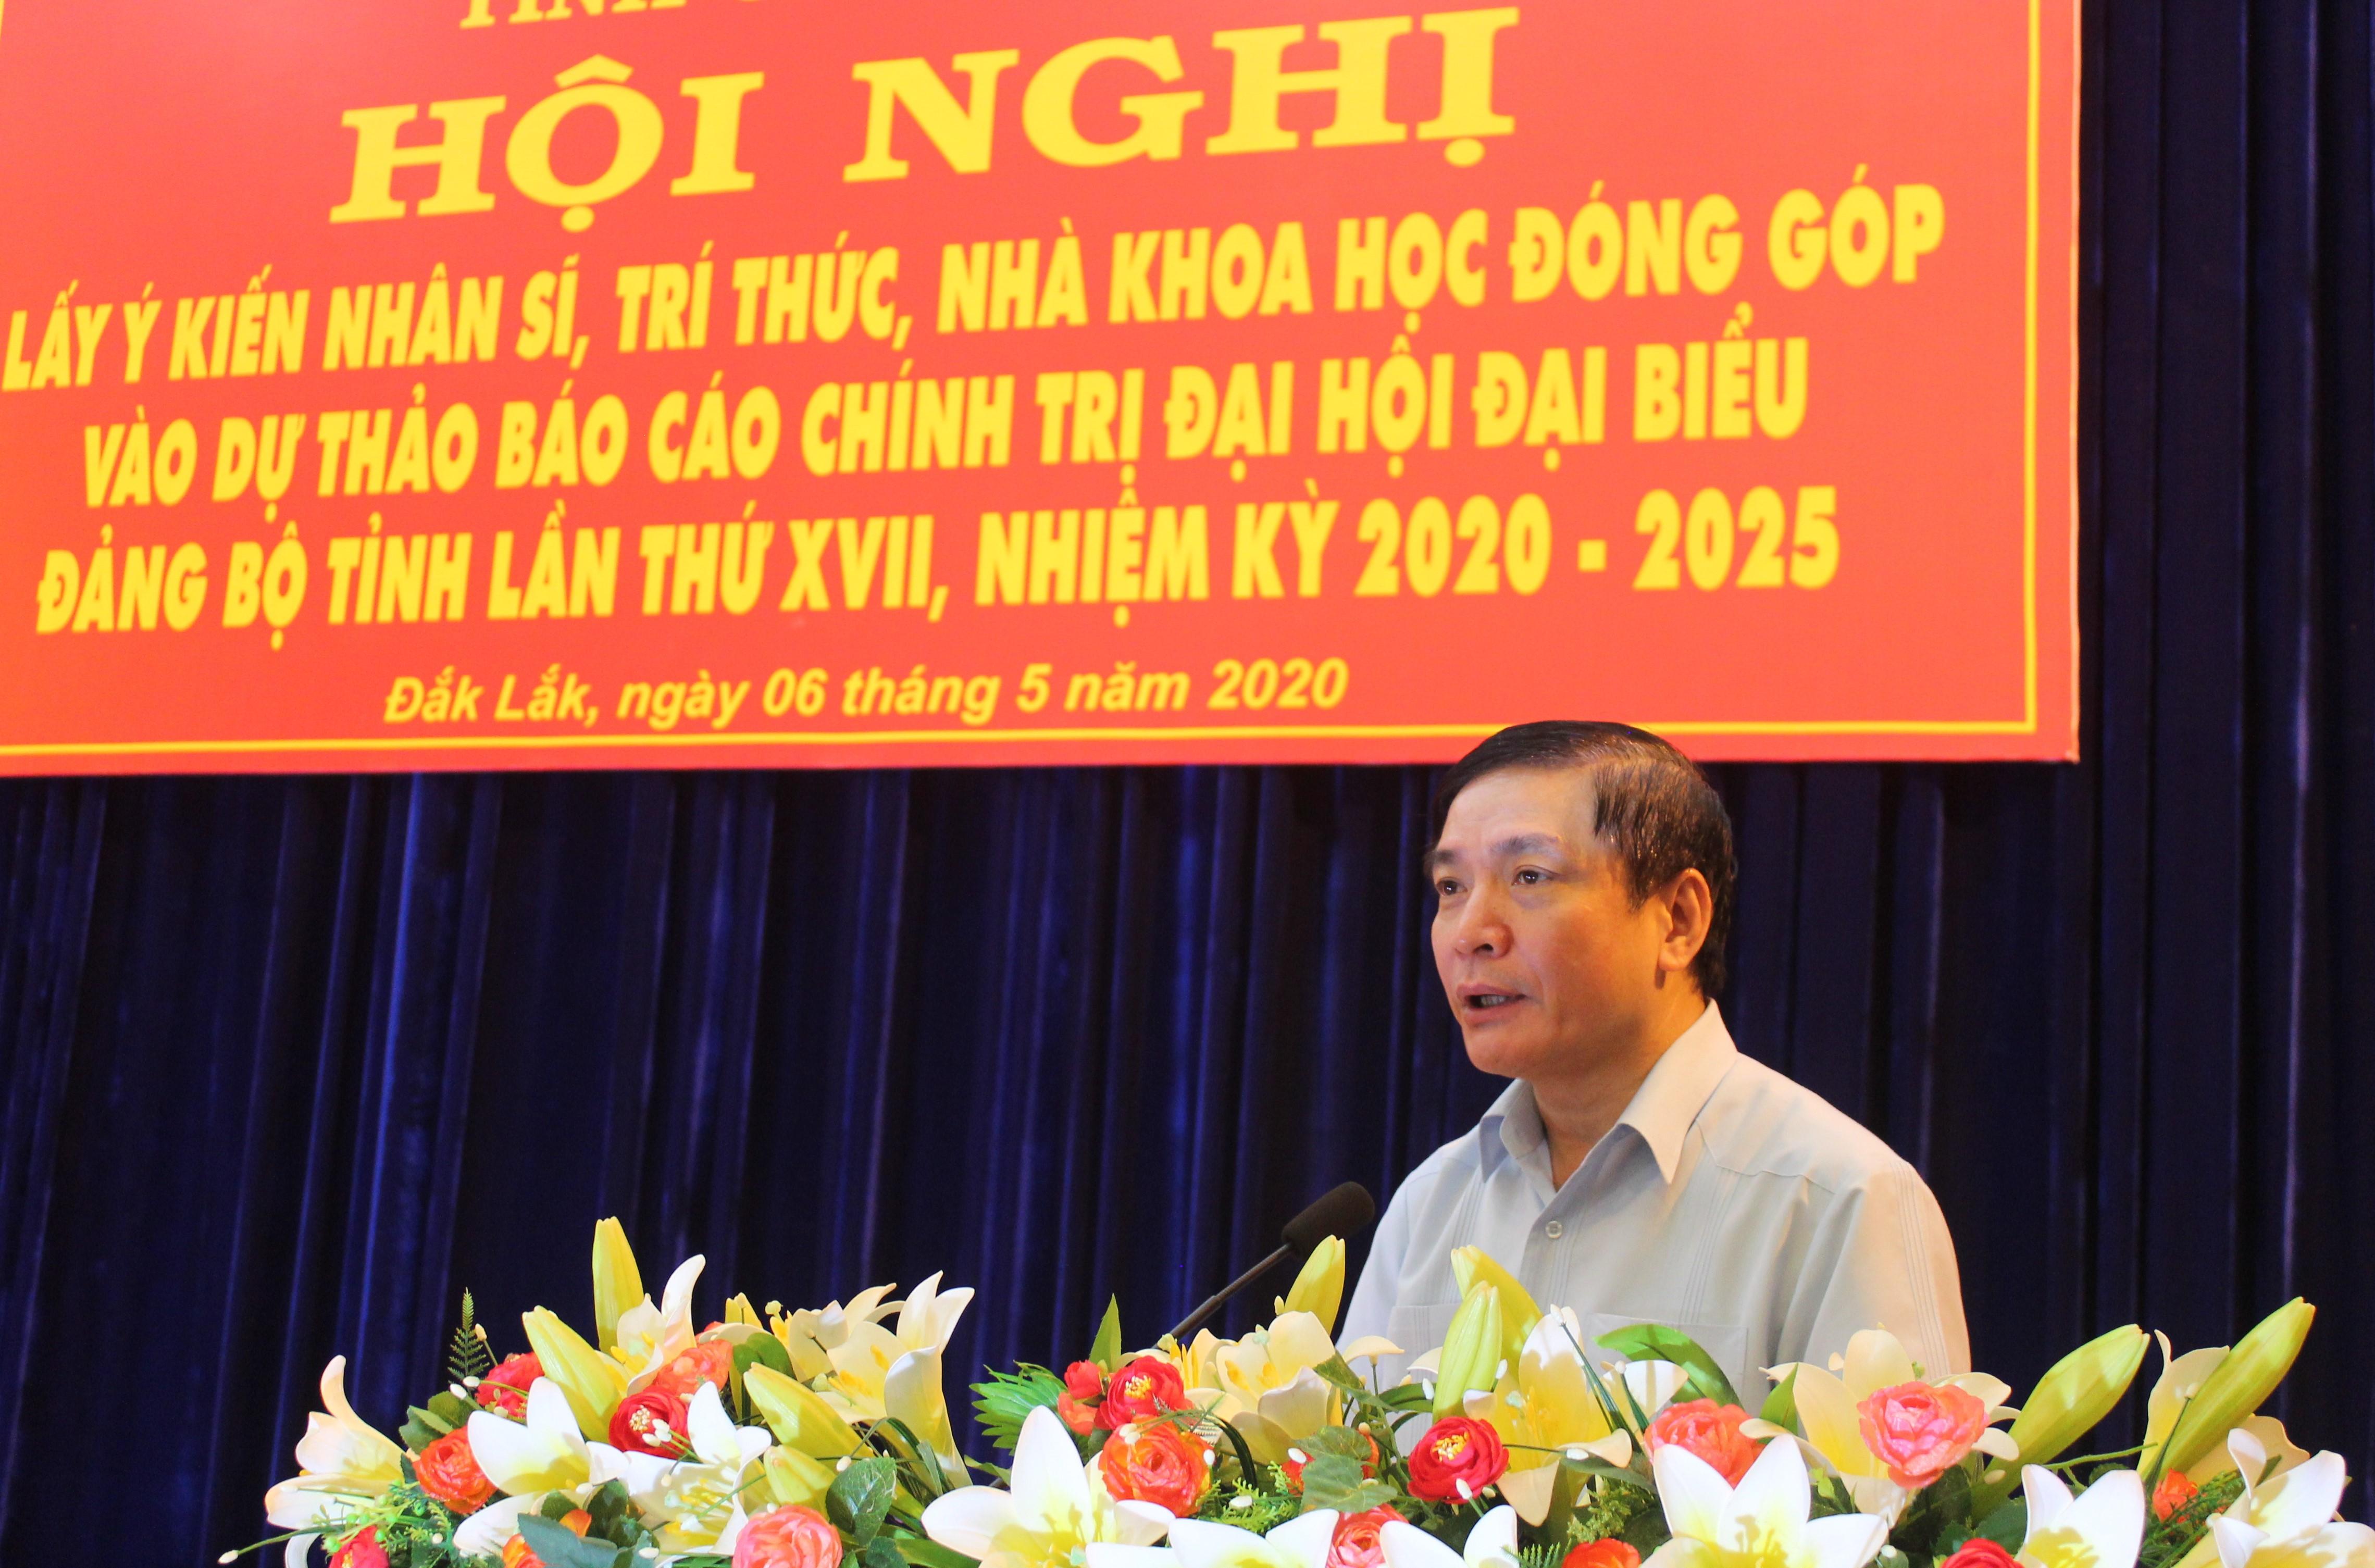 Thường trực Tỉnh ủy lấy ý kiến góp ý vào dự thảo Báo cáo chính trị Đại hội đại biểu Đảng bộ tỉnh lần thứ XVII, nhiệm kỳ 2020-2025